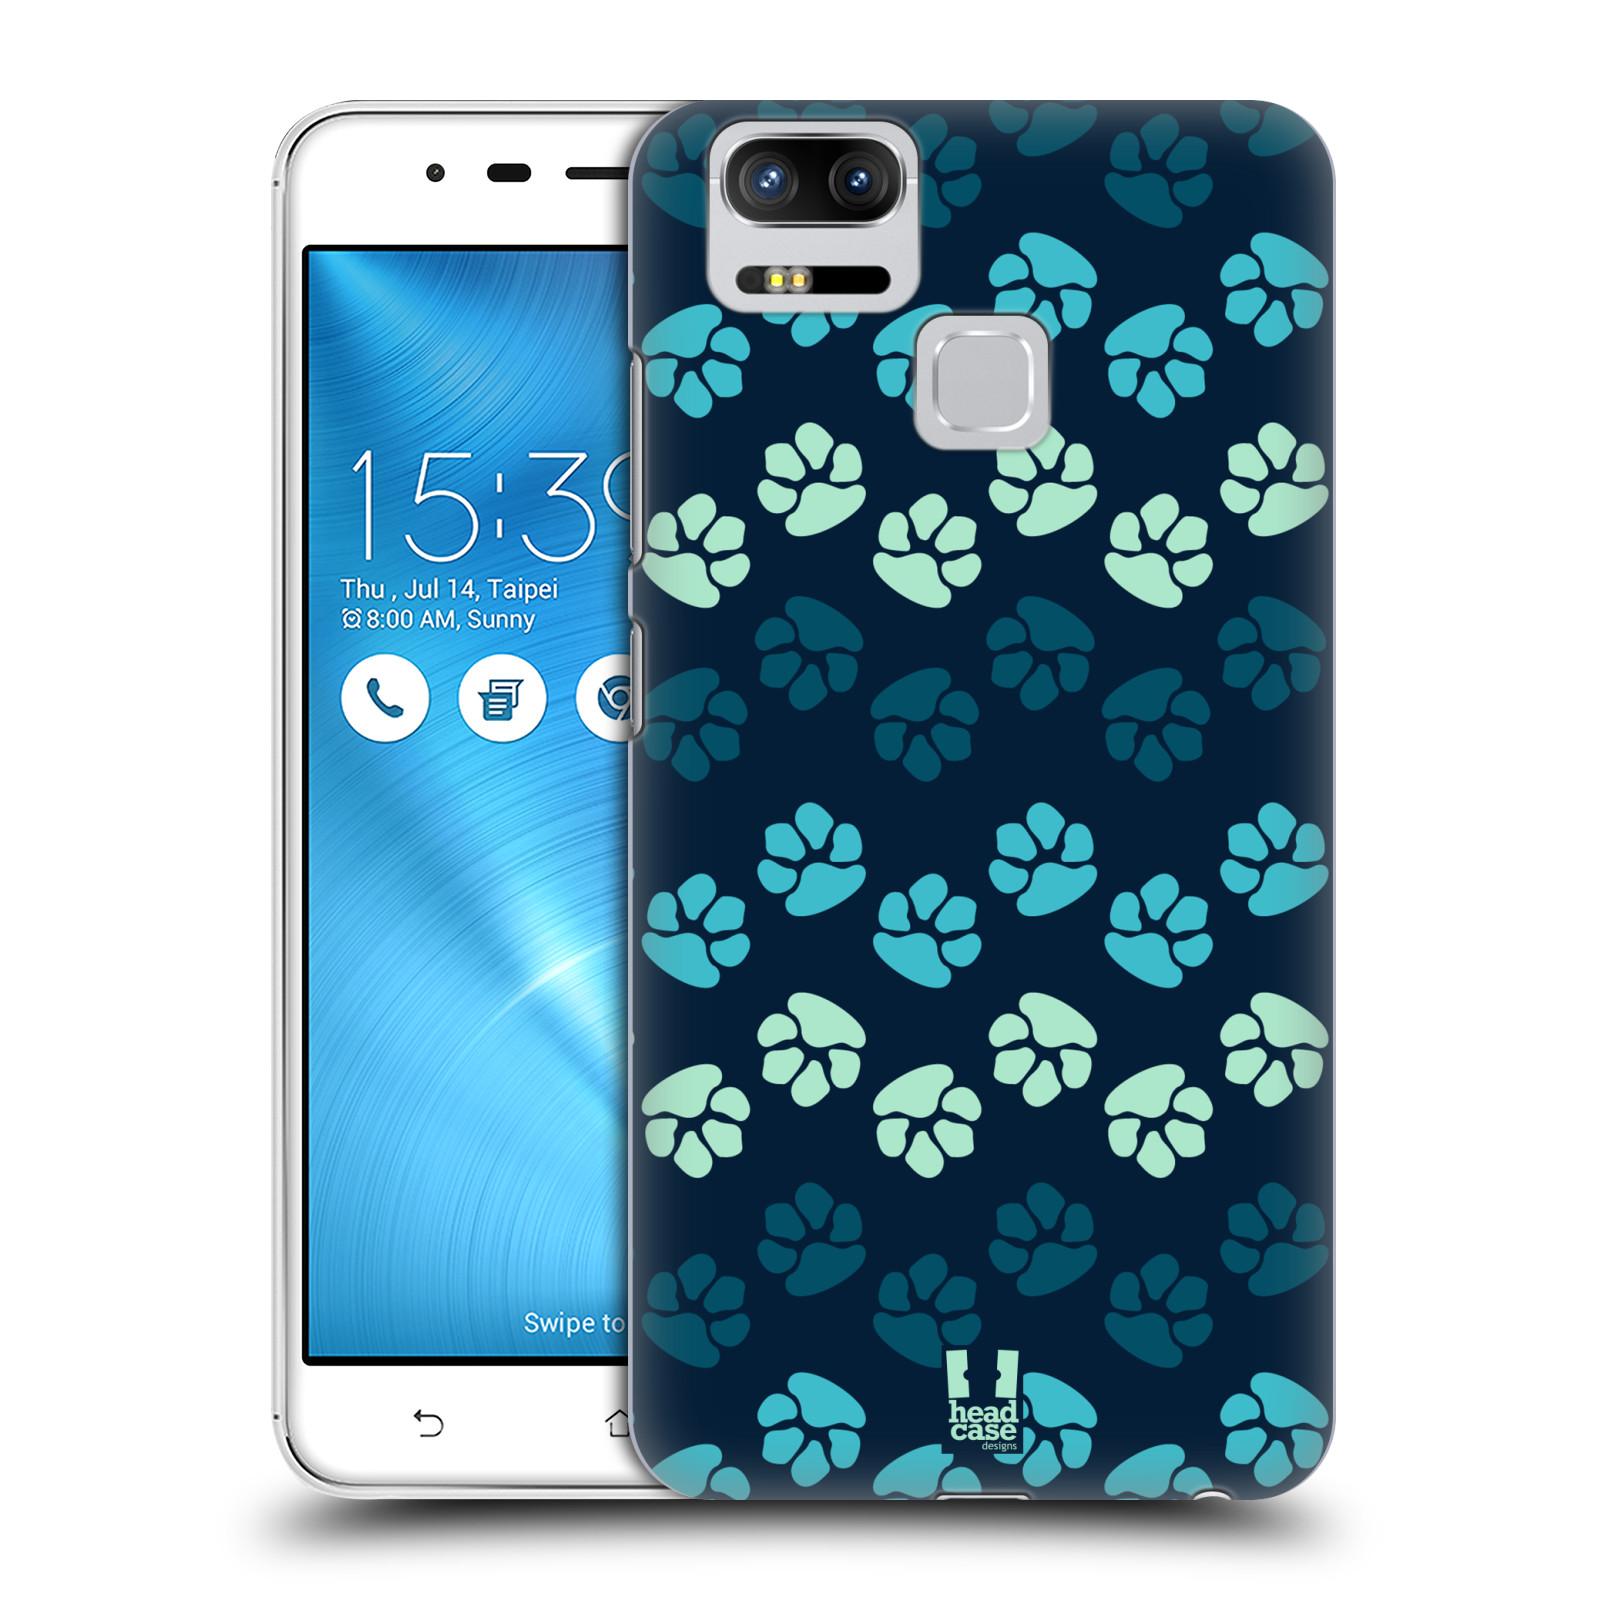 Plastové pouzdro na mobil Asus ZenFone 3 ZOOM ZE553KL - Head Case - TLAPKY MODRÉ (Plastový kryt či obal na mobilní telefon Asus ZenFone 3 ZOOM ZE553KL s motivem TLAPKY MODRÉ)